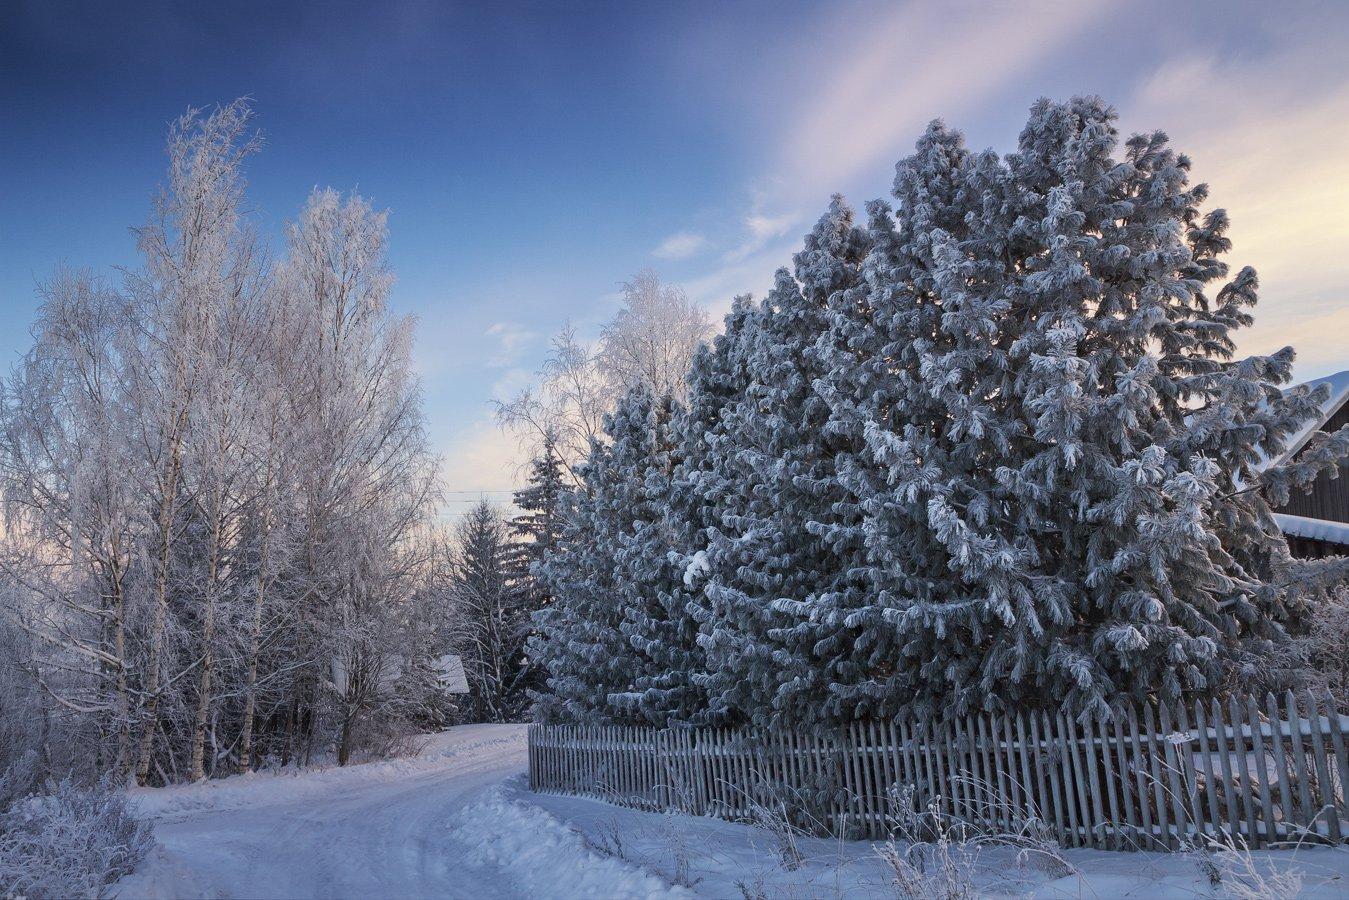 ноябрь, снег, мороз, кедр, солнечно, день., Смольский Евгений